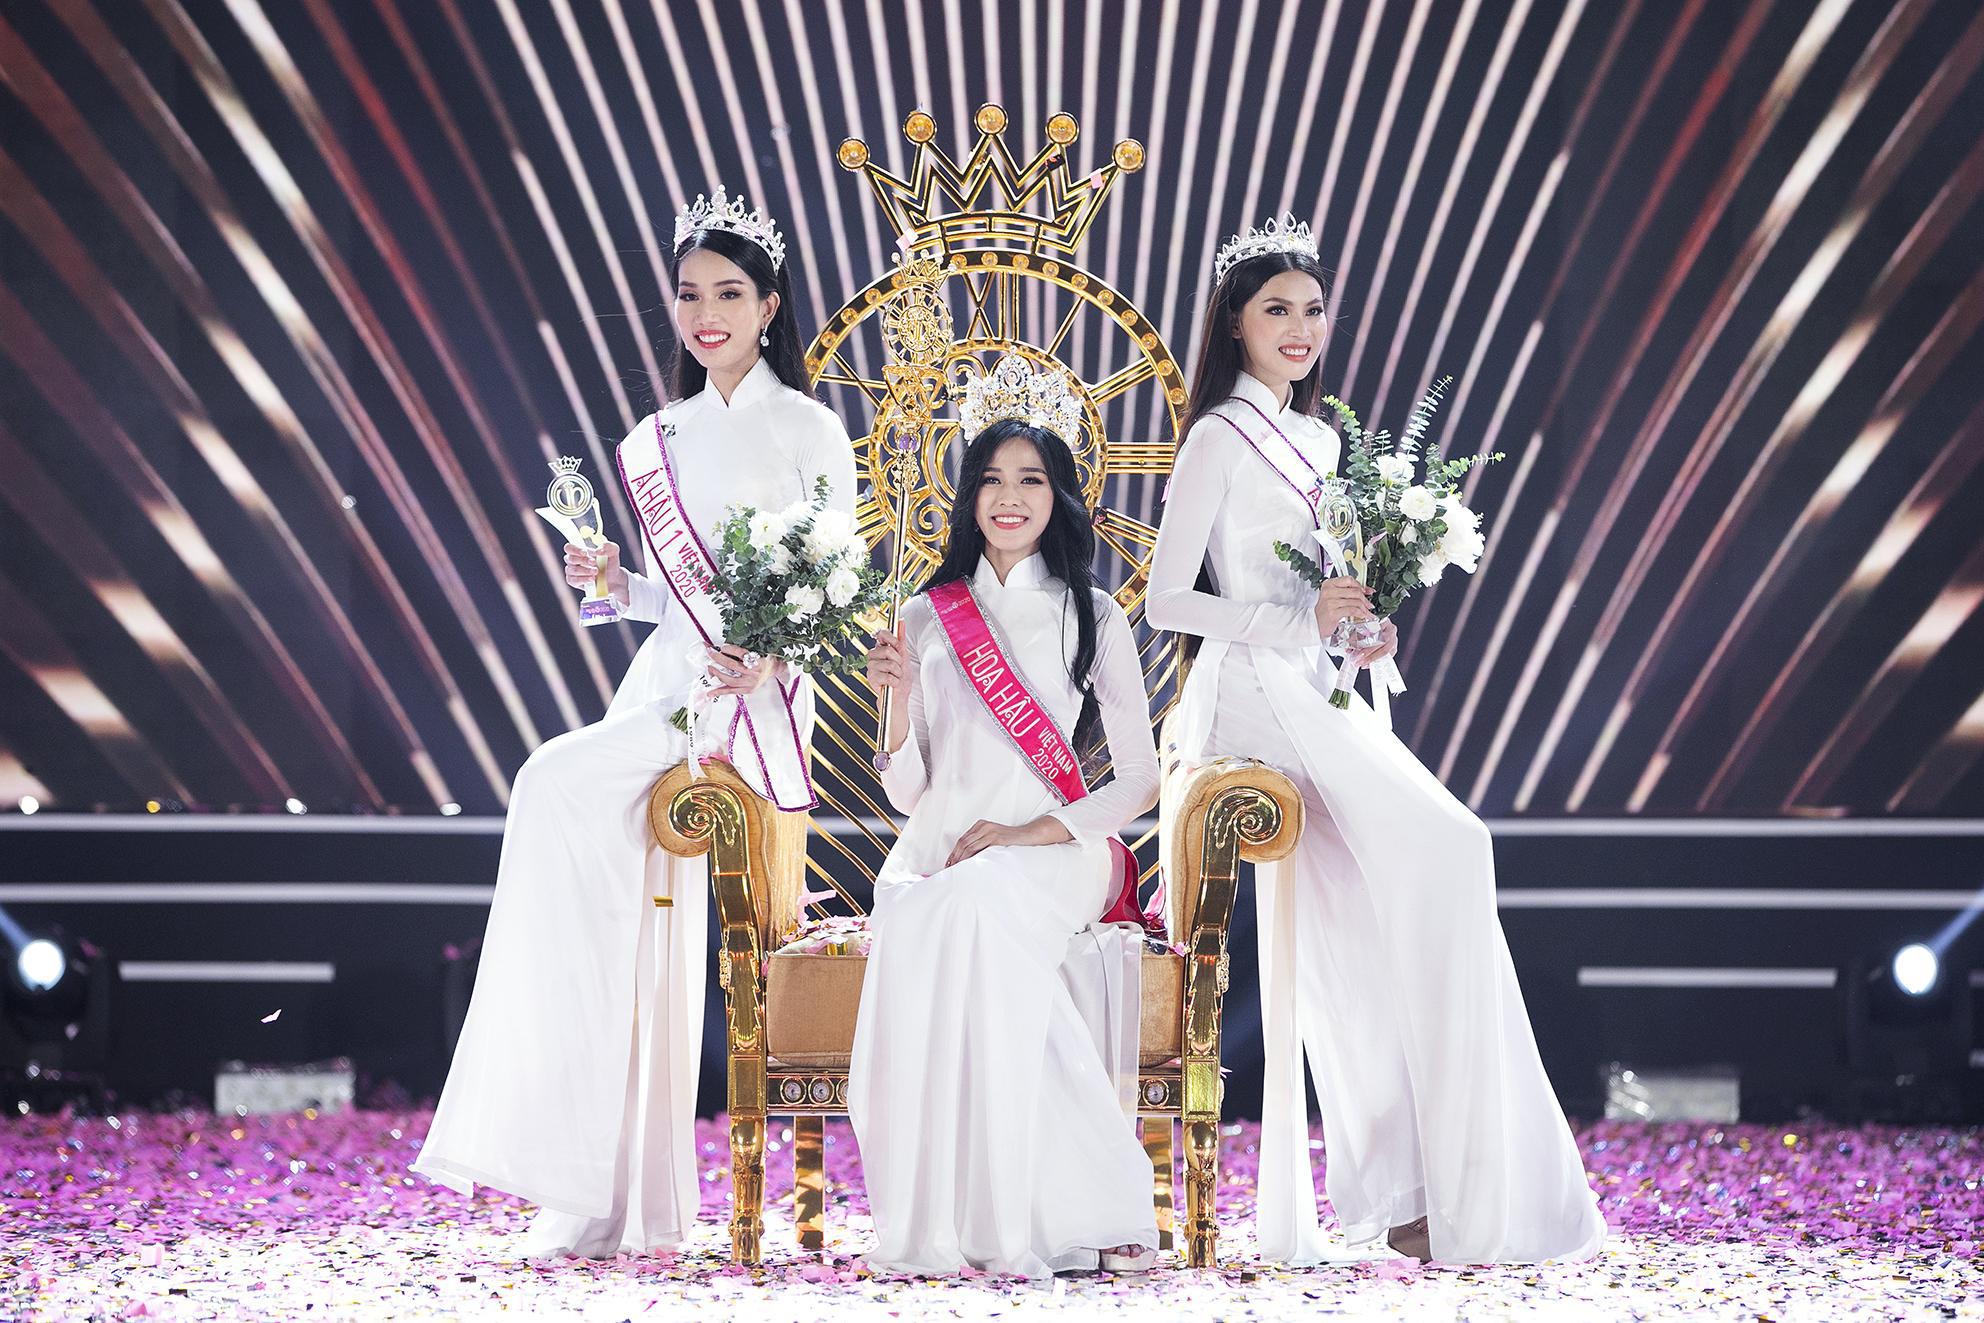 Go Spring đồng hành cùng Hoa hậu Việt Nam 2020 tại đêm Chung kết - Đêm bùng nổ của thập kỷ hương sắc mới - Ảnh 2.